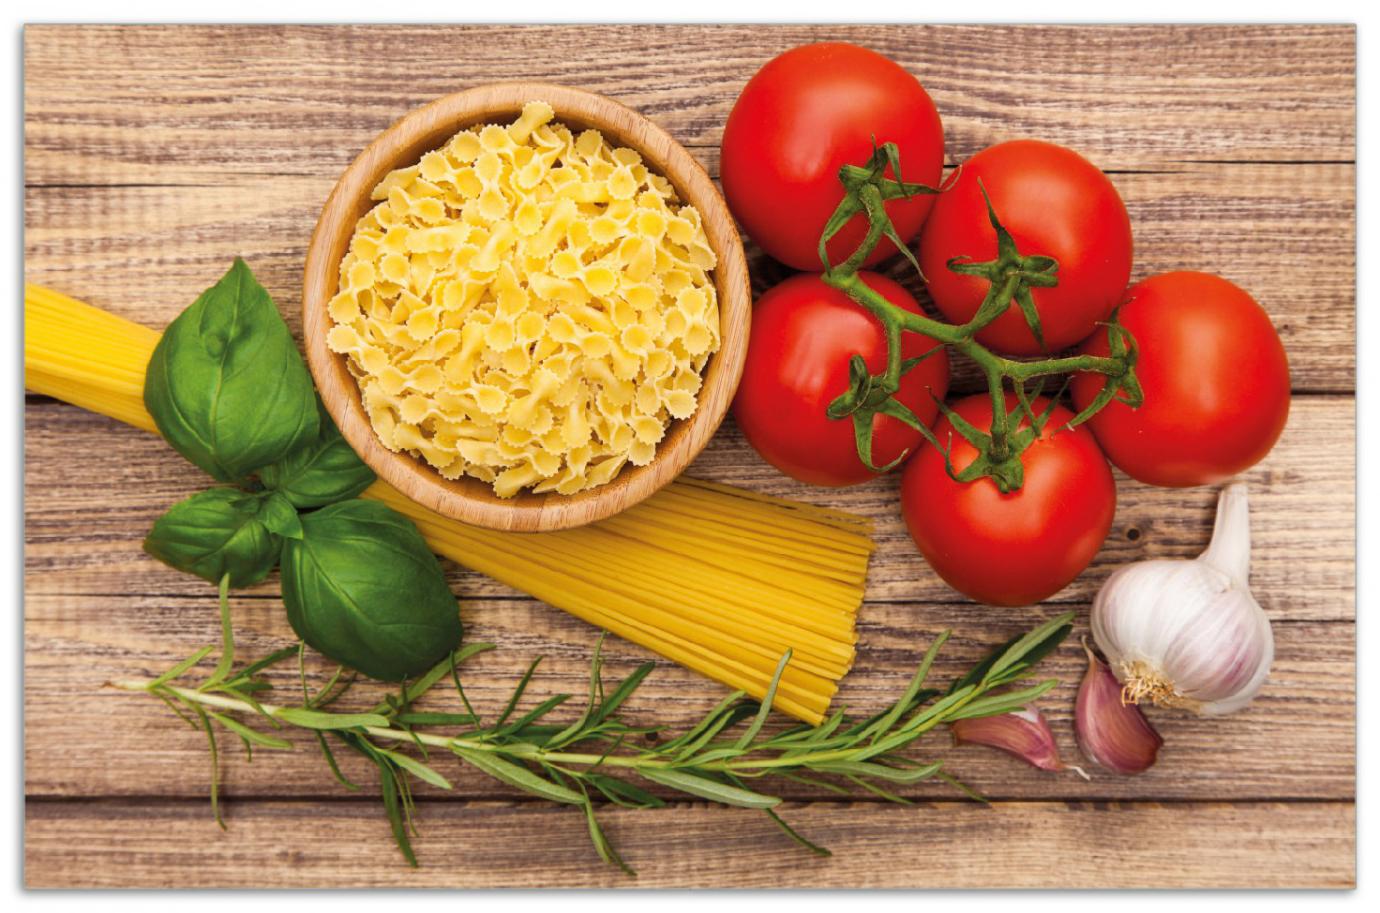 Herdabdeckplatte Spaghetti mit Tomaten, Knoblauch und Basilikum - Zutaten für ein italienisches Abendmahl – Bild 1